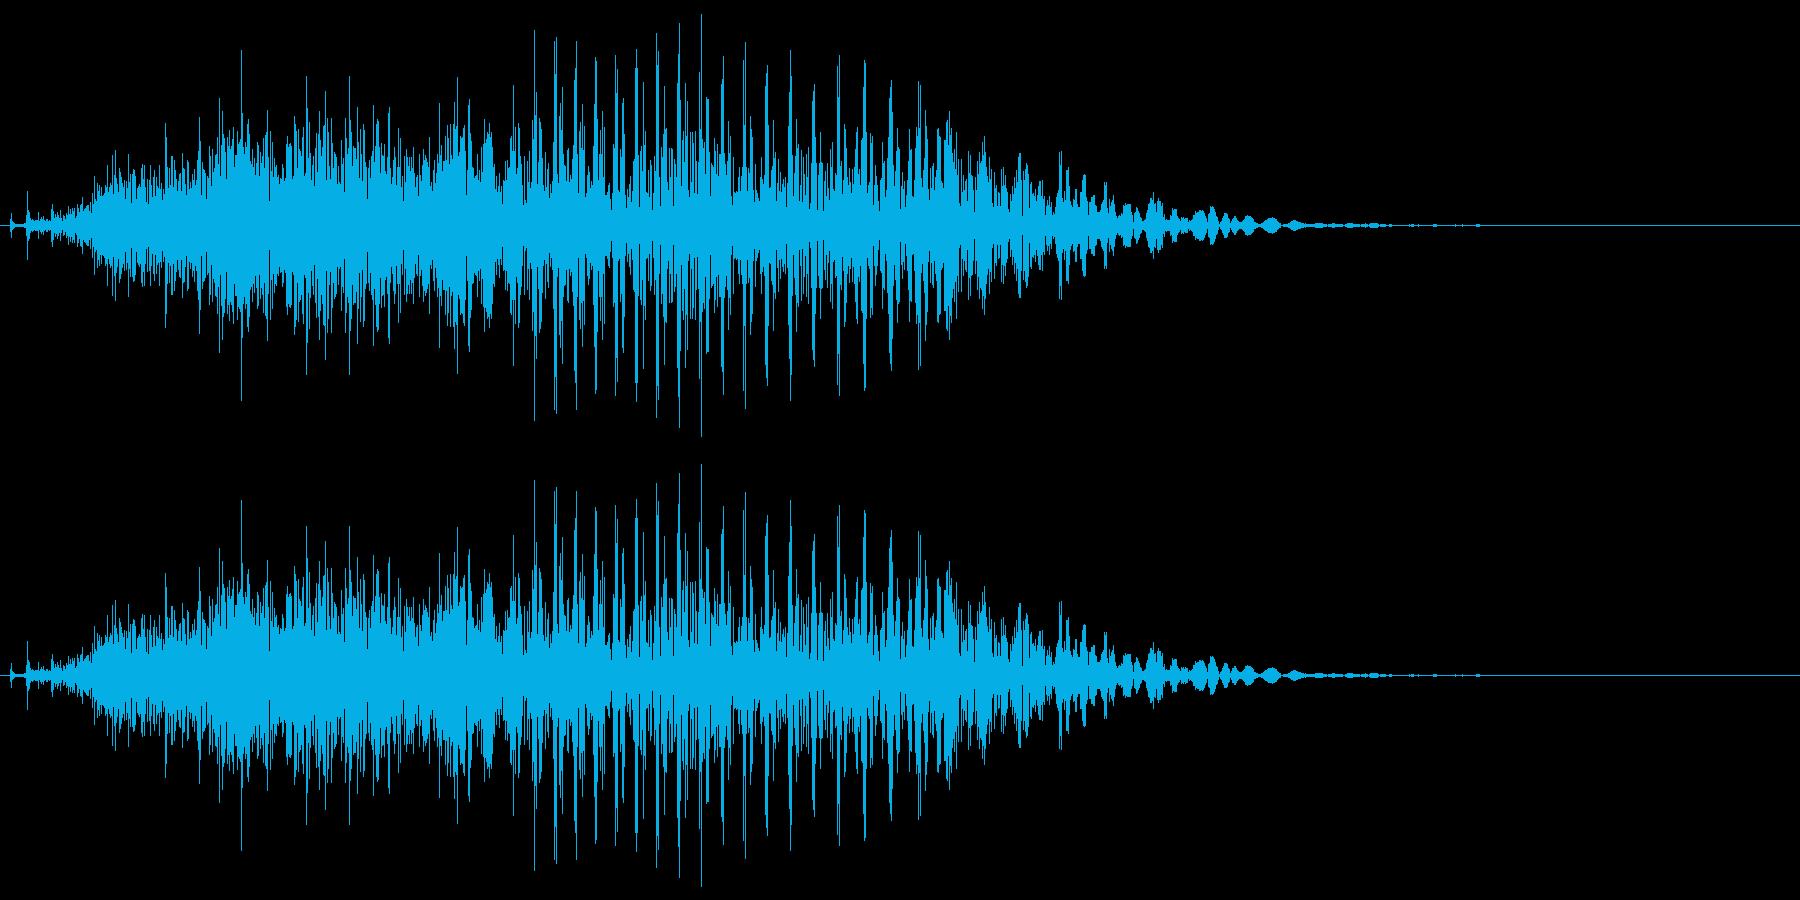 「チー」 麻雀ゲームのシステムボイスにの再生済みの波形